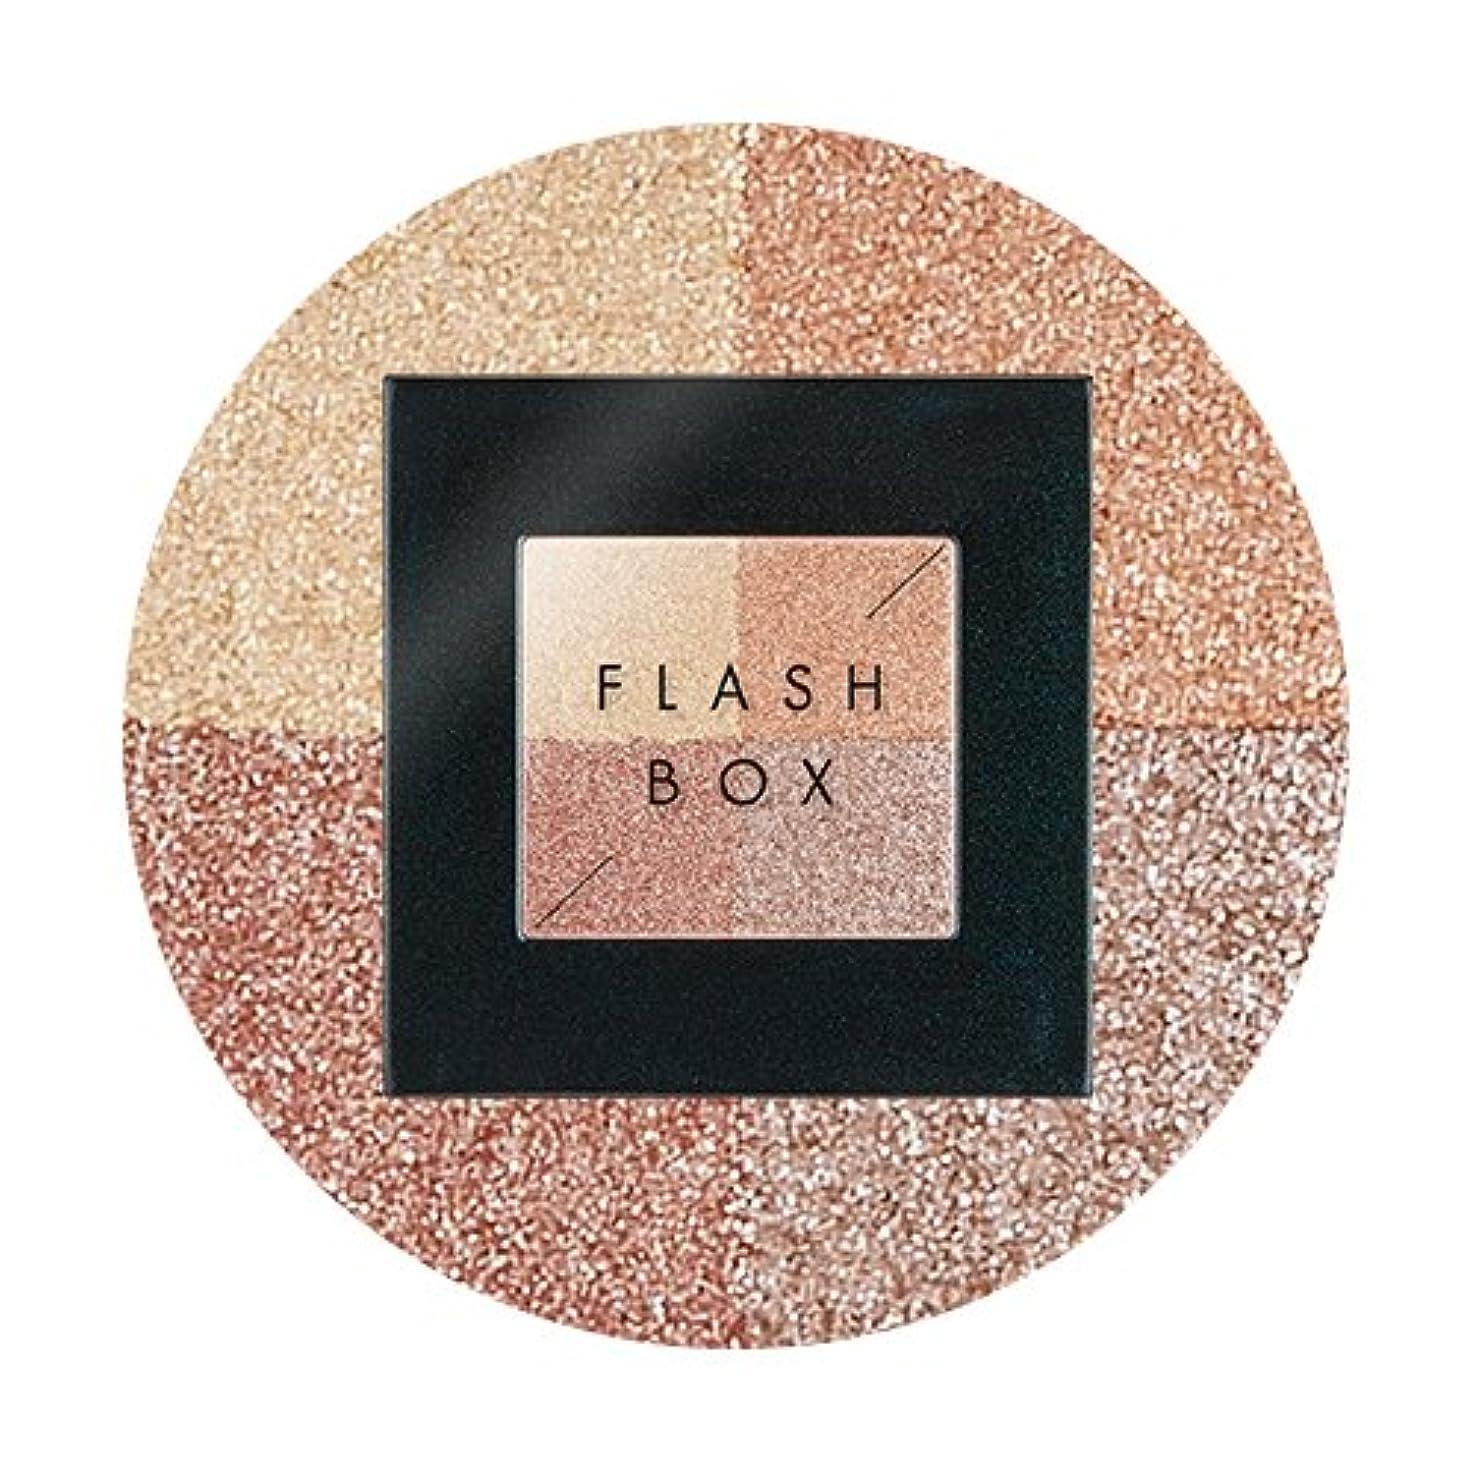 プール歩く時間厳守APIEU Flash Box (#2 Lustering Time) / [アピュ/オピュ] フラッシュボックス [並行輸入品]